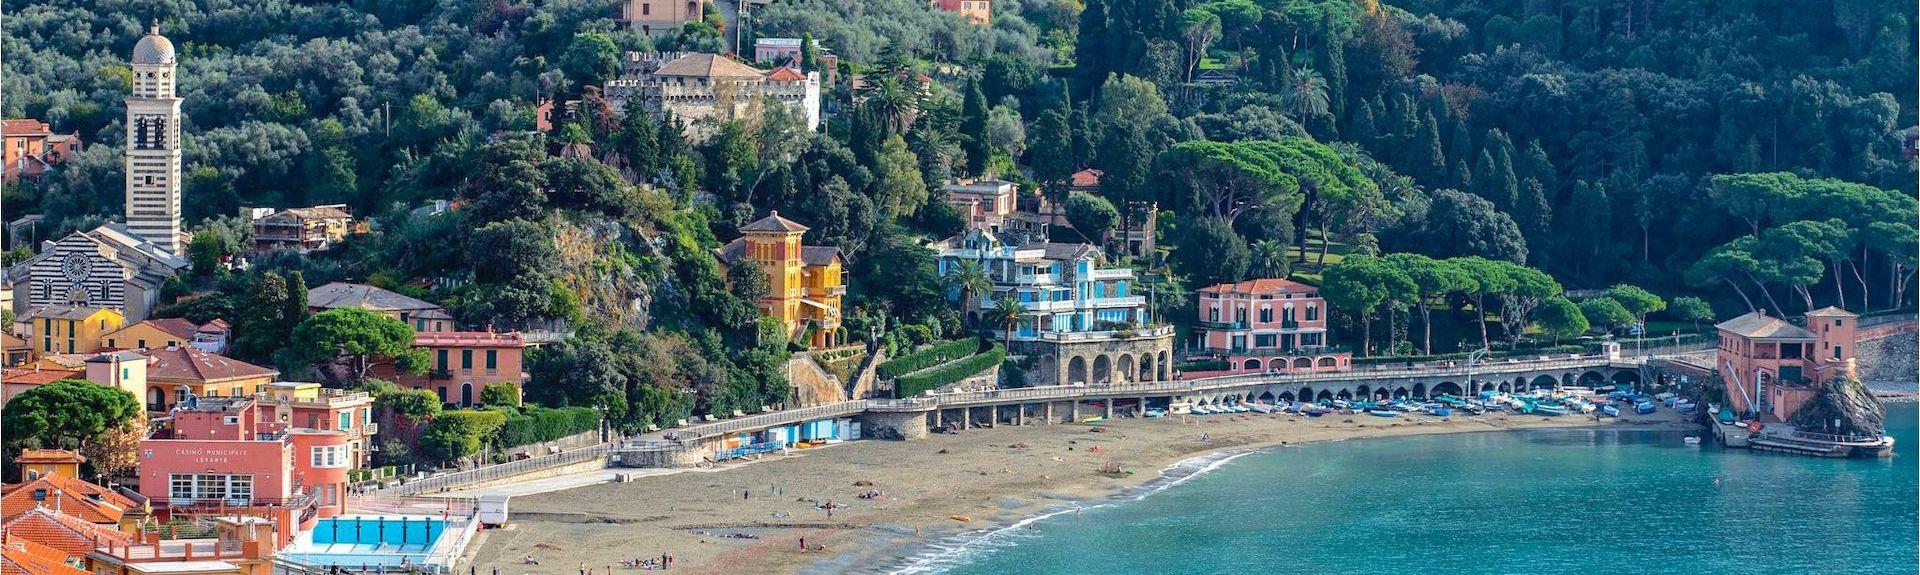 La Spezia, Ligurie, Italie